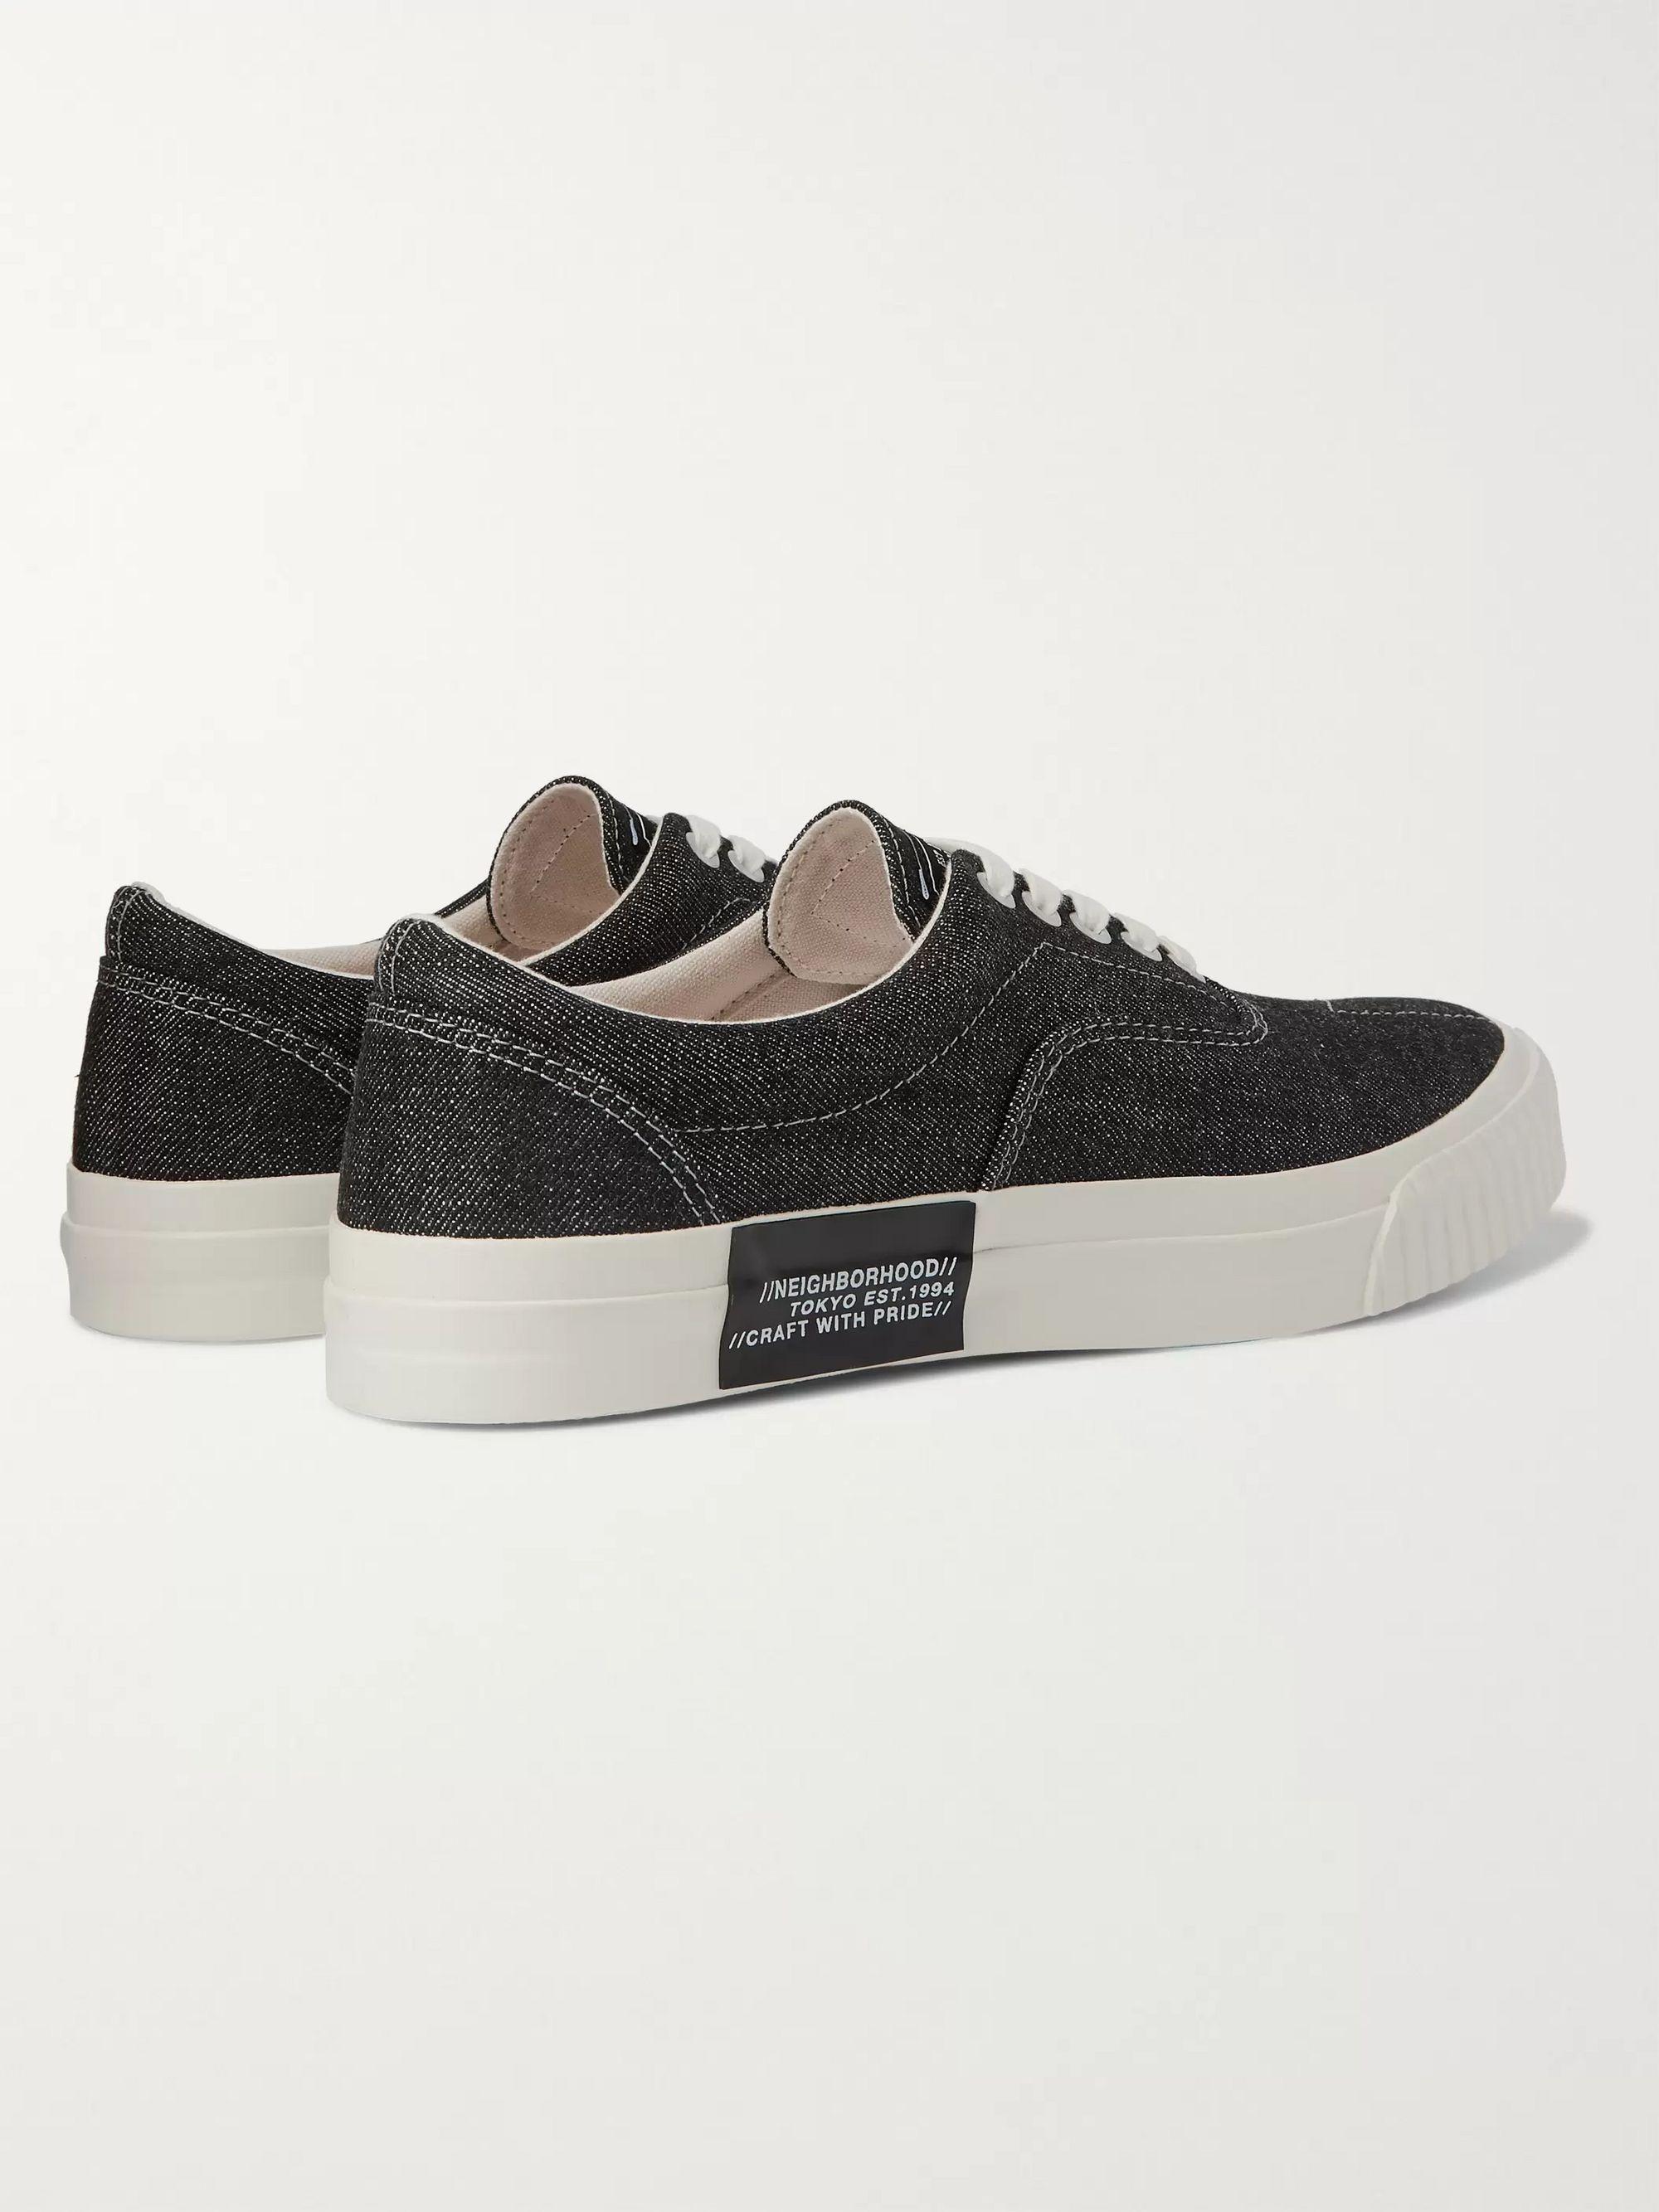 Black Deck Denim Sneakers   Neighborhood